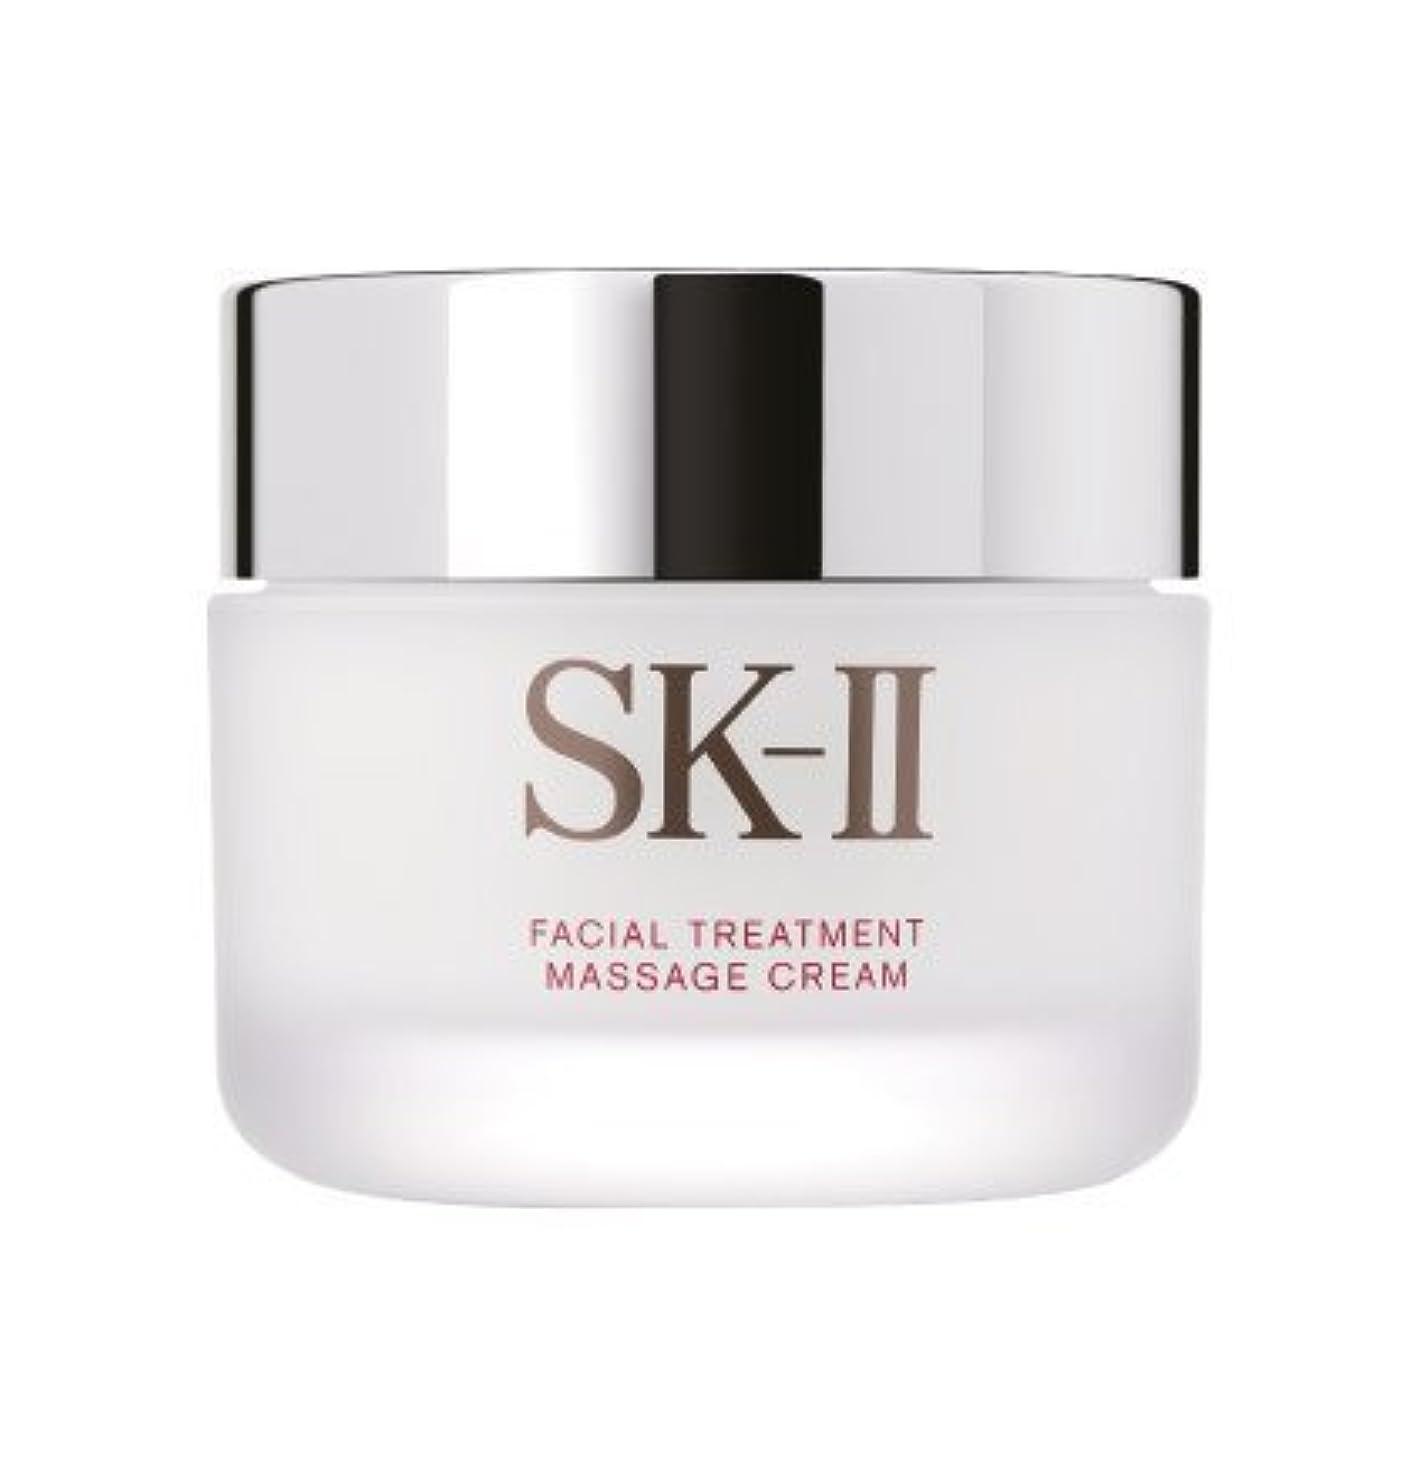 酸化する酸化するマニアックSK-II フェイシャル トリートメント マッサージ クリーム 80g SK2 マックスファクター 化粧品 美容 クリーム